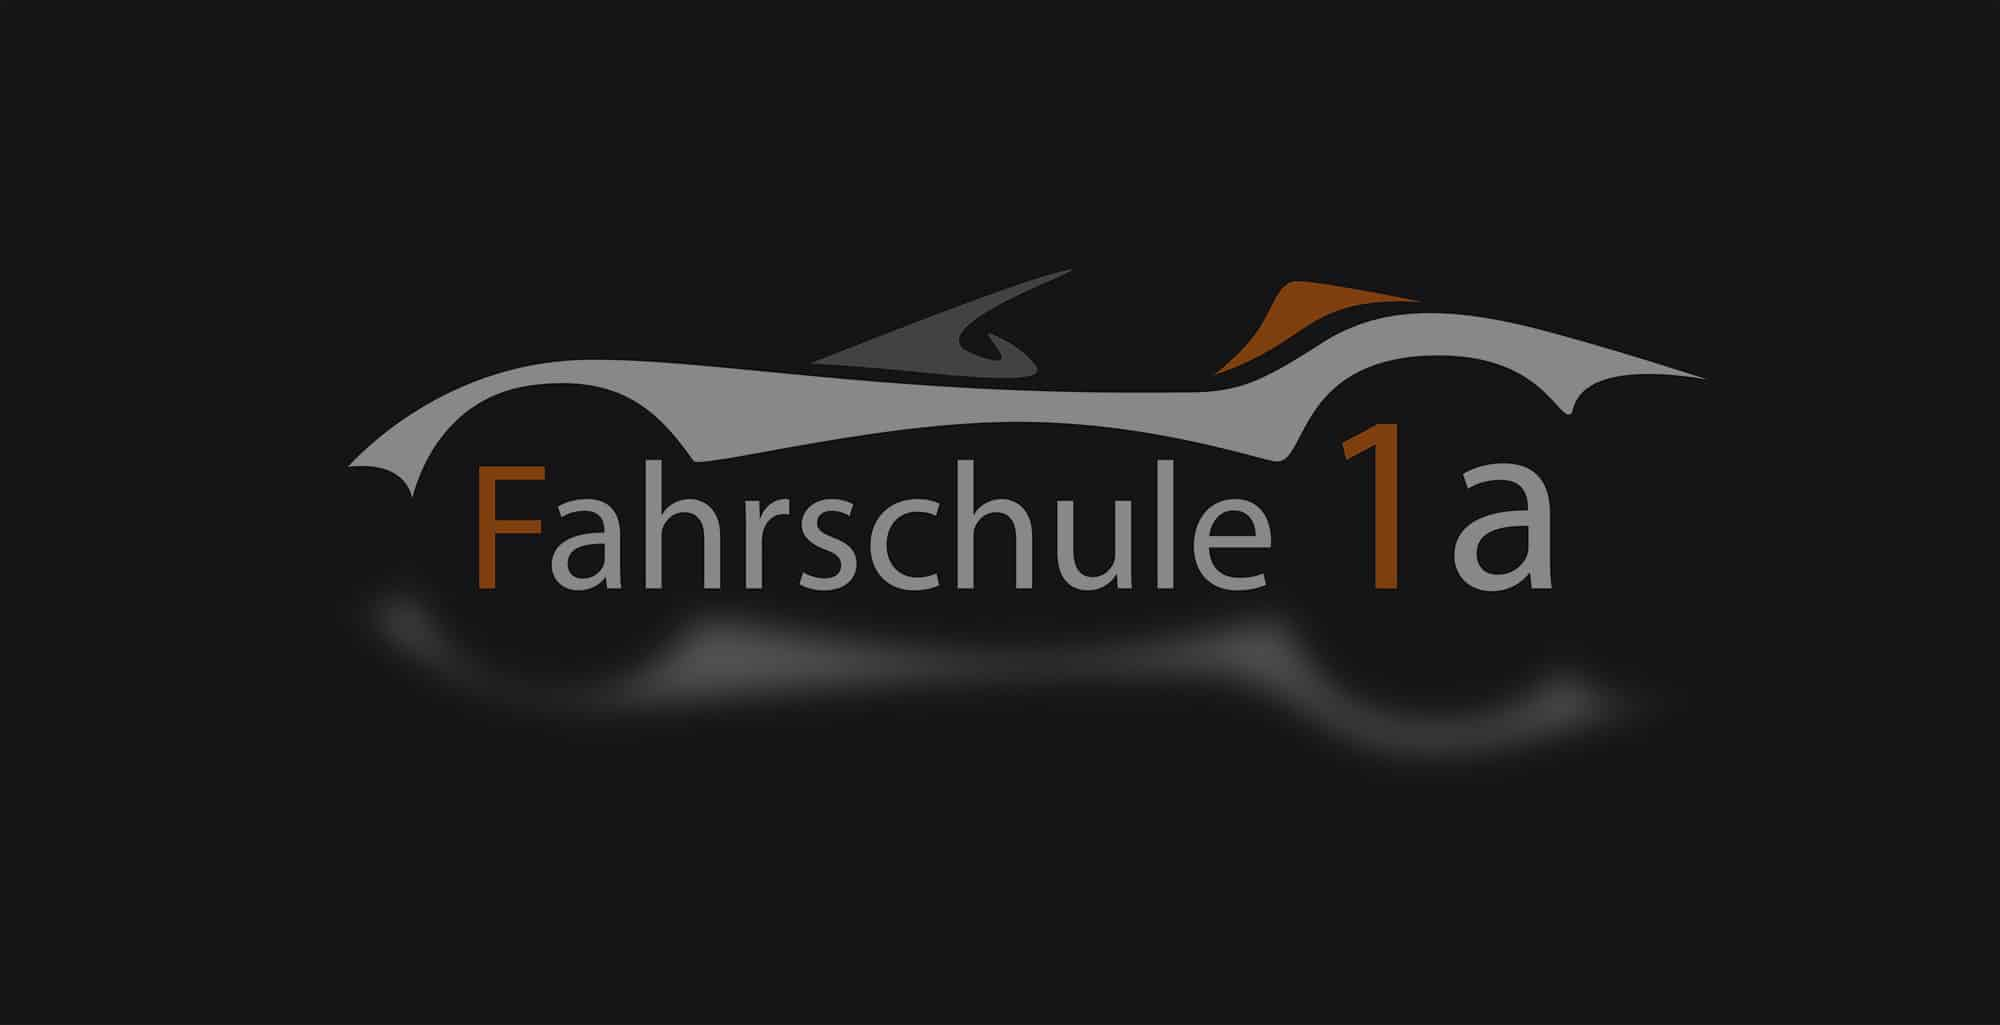 Fahrschule 1a Logo